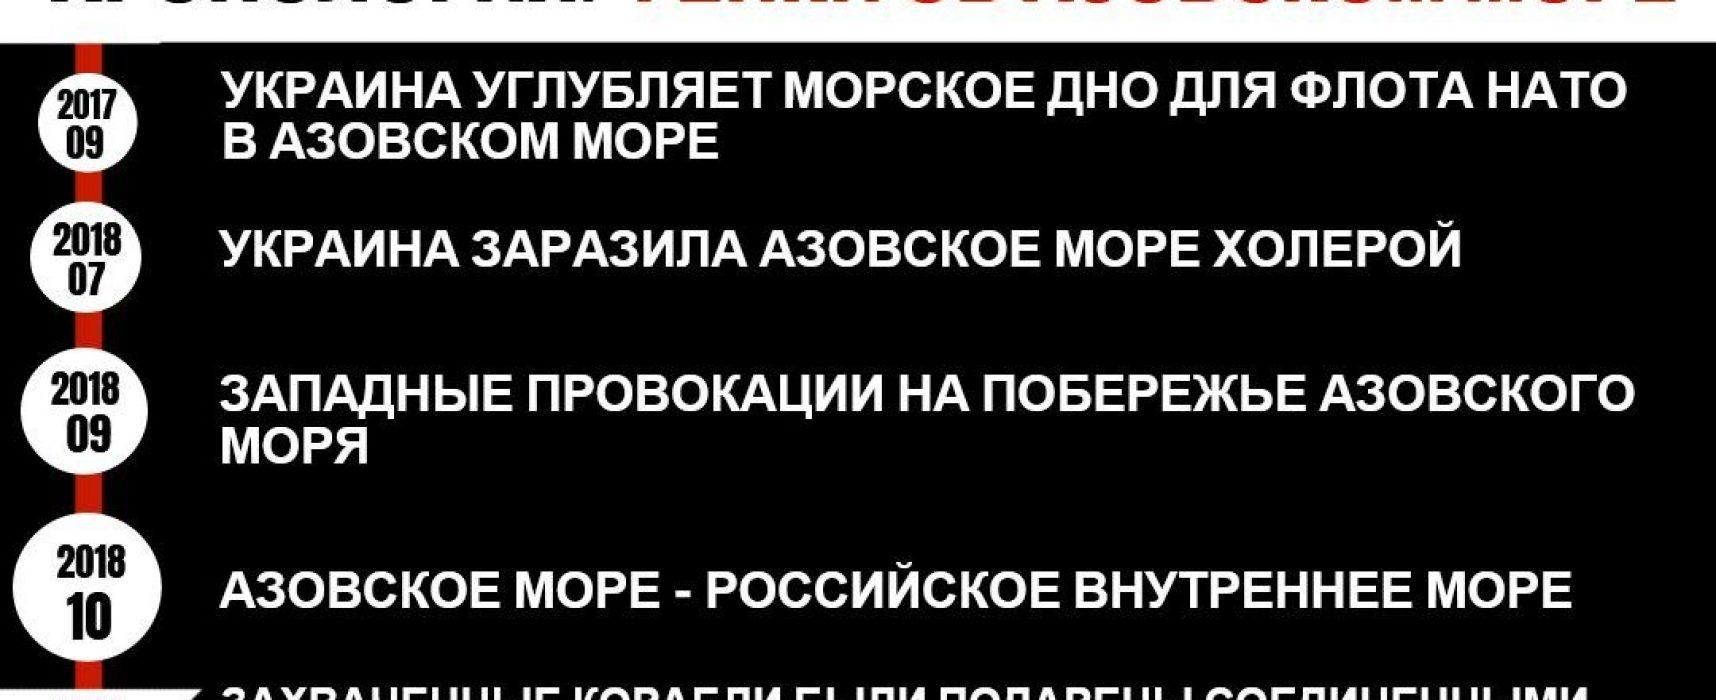 Довгостроковий план із дезінформації про Азовське море